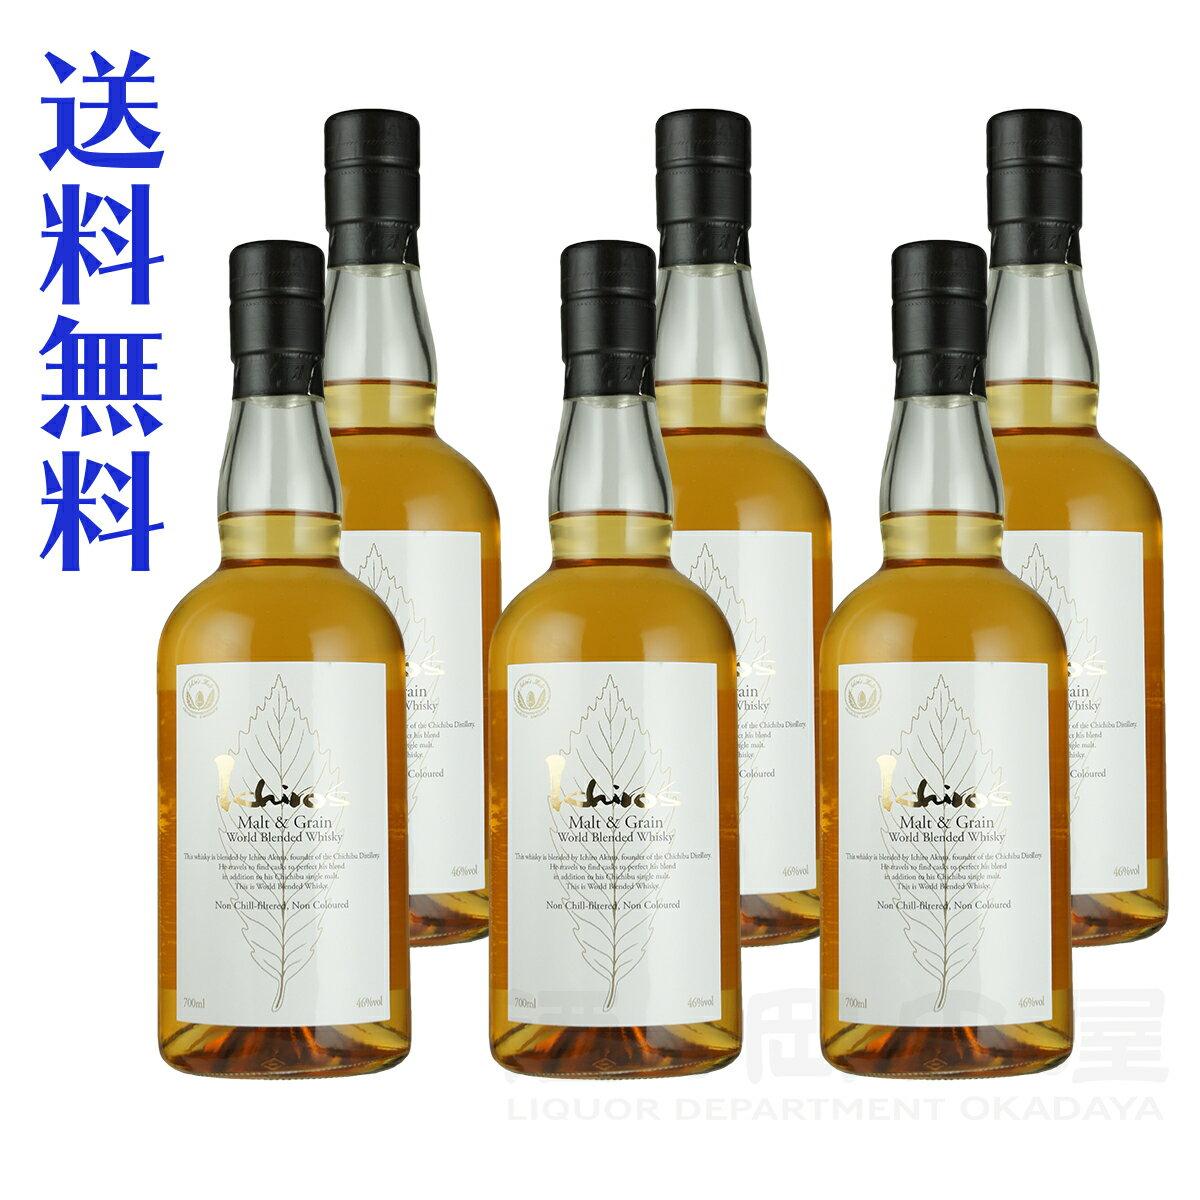 ウイスキー, ジャパニーズ・ウイスキー  6